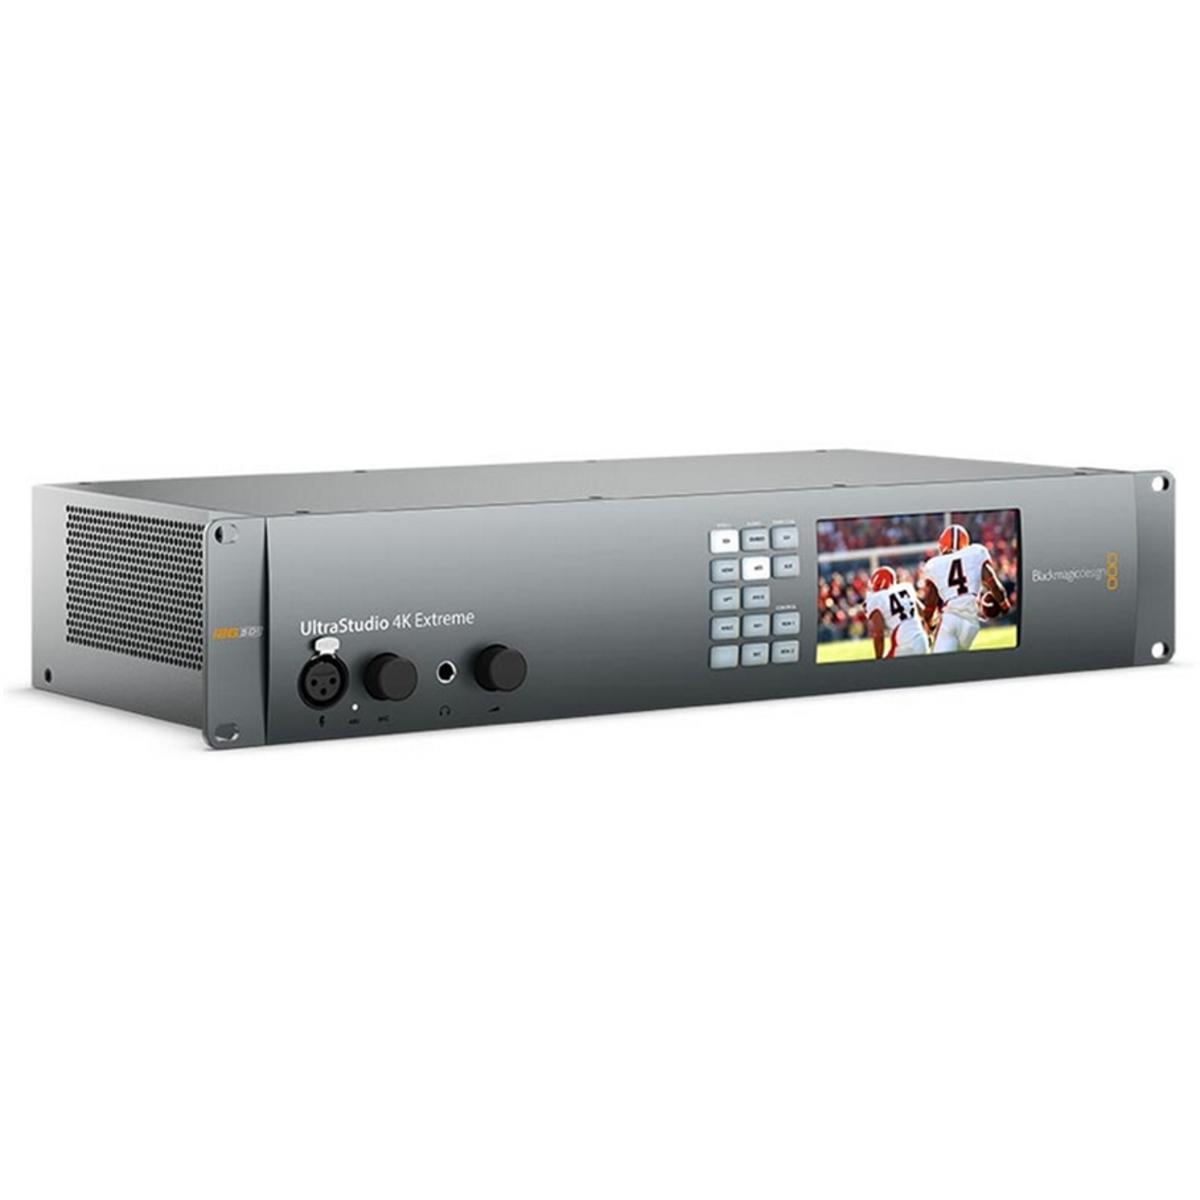 Buy Blackmagic Ultrastudio Mini Monitor